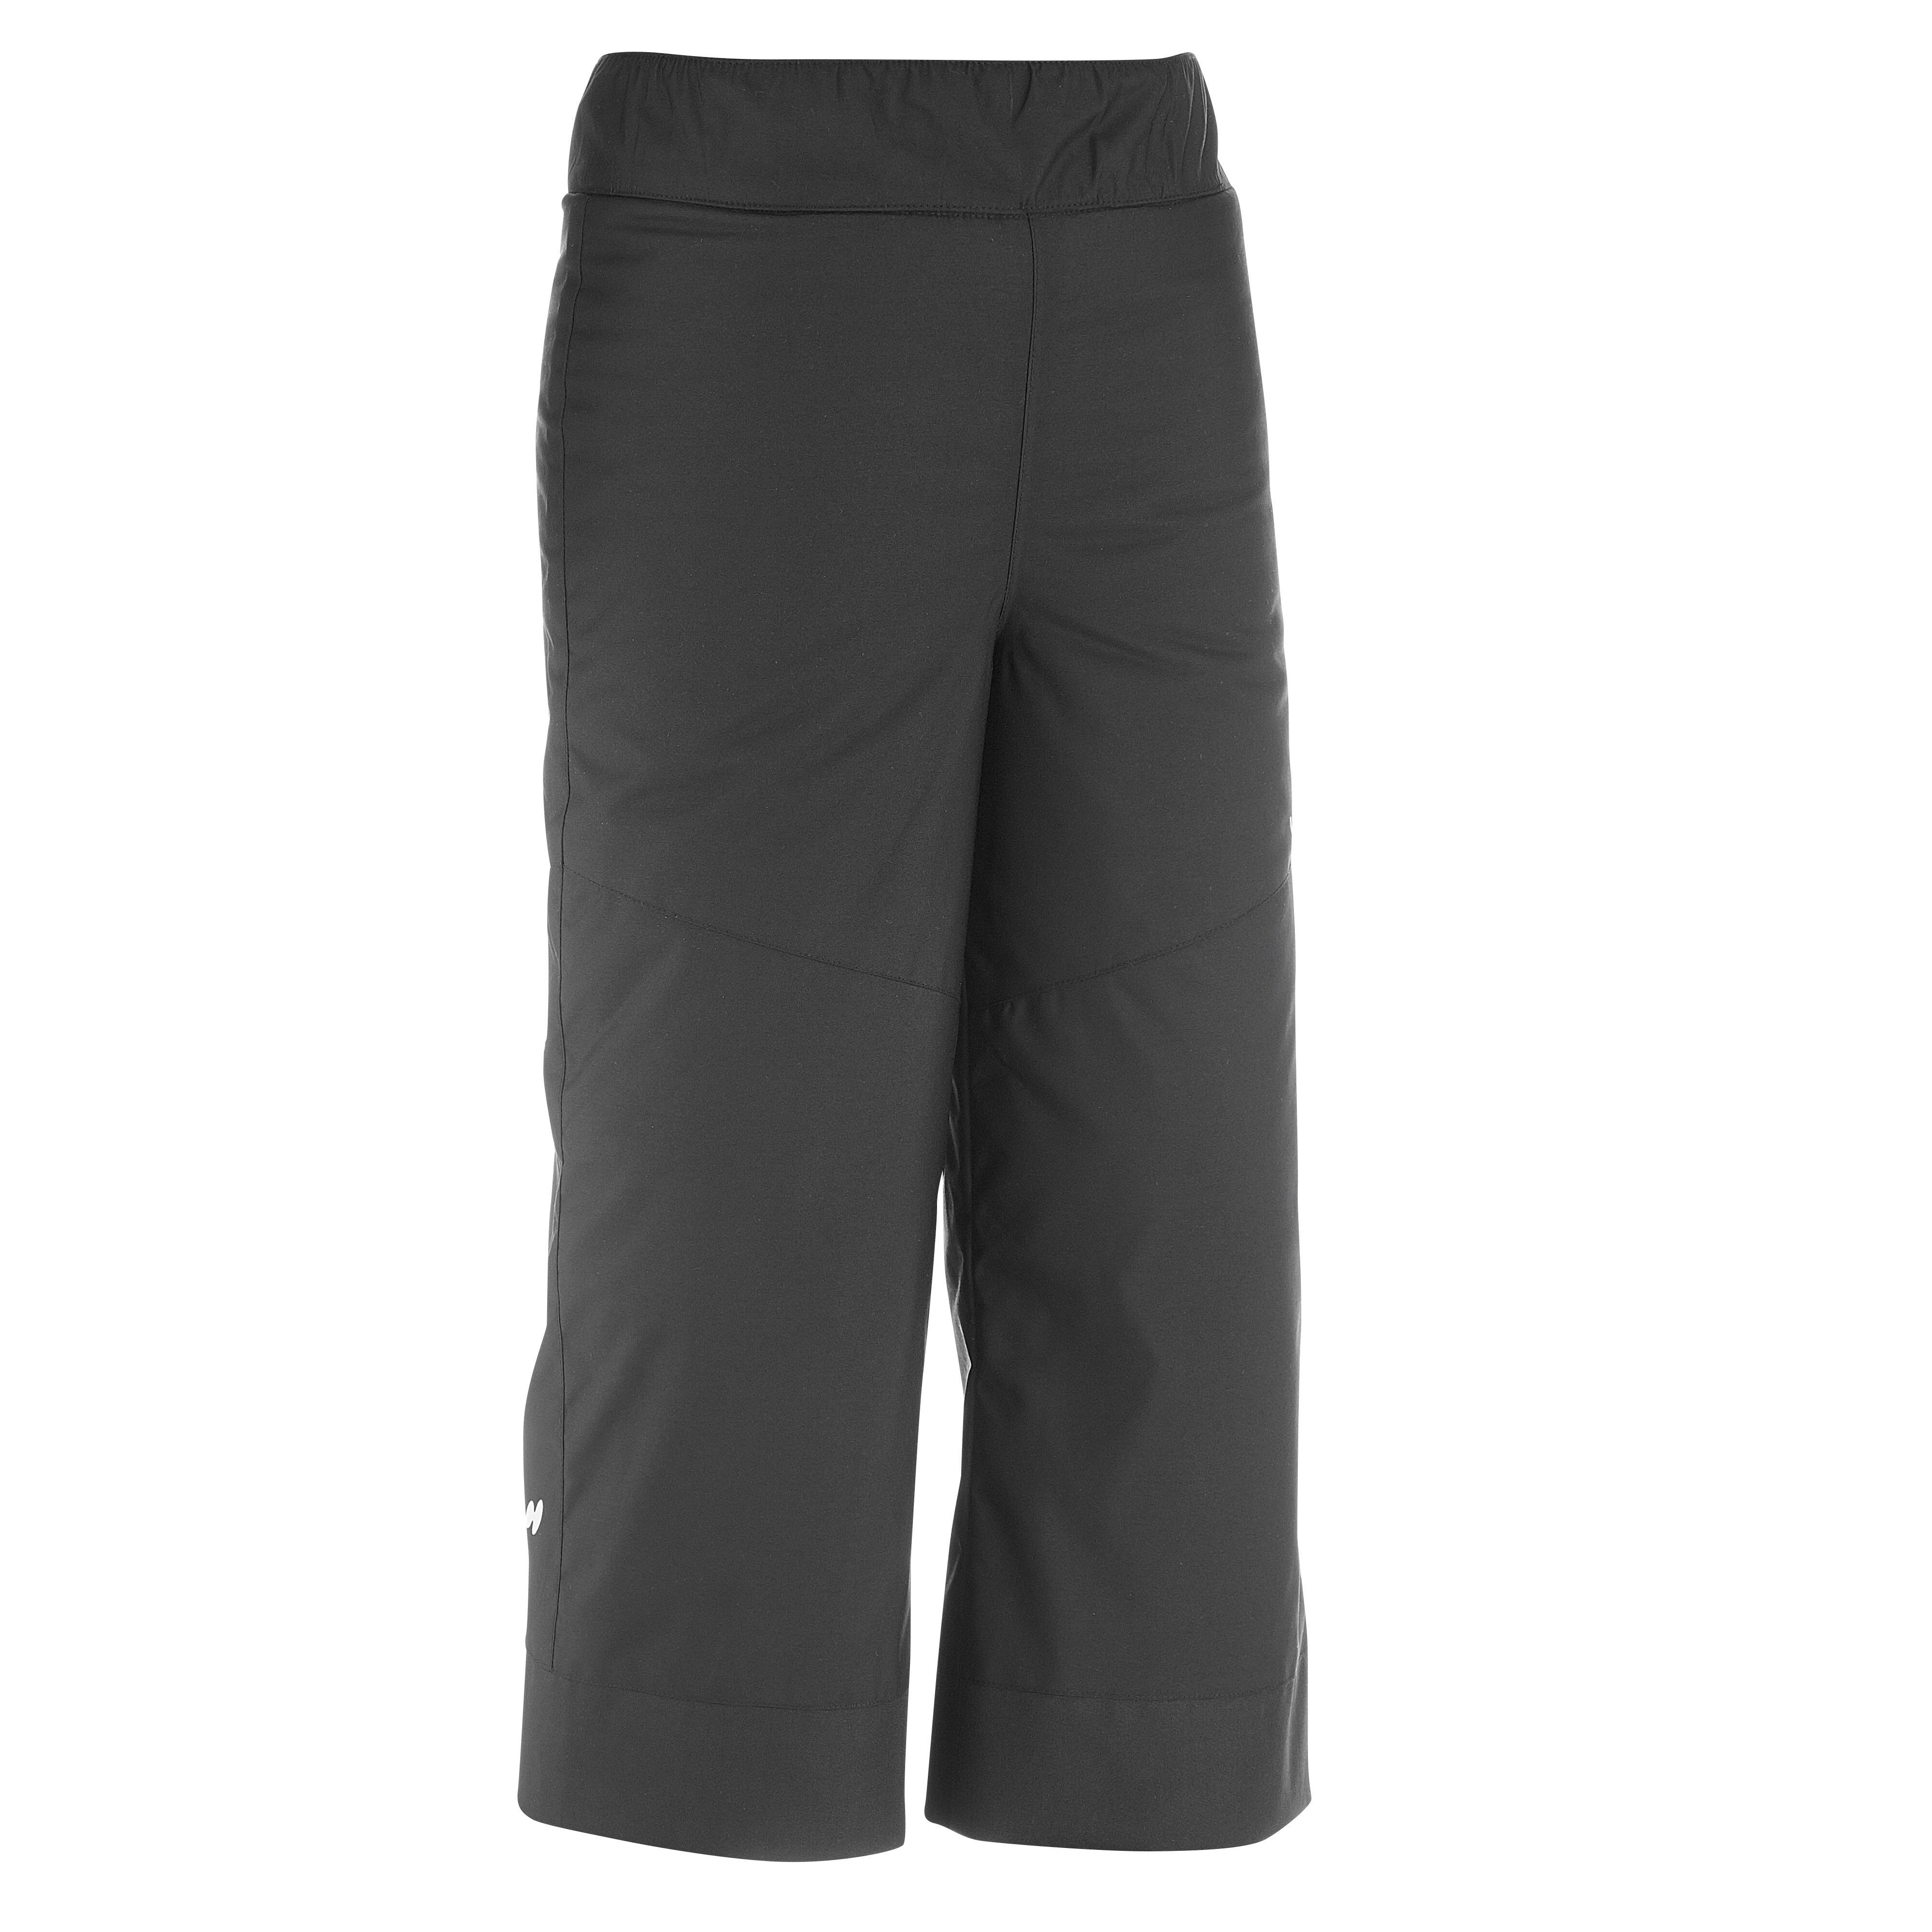 e942497801c Comprar Pantalones de Nieve para Niños online